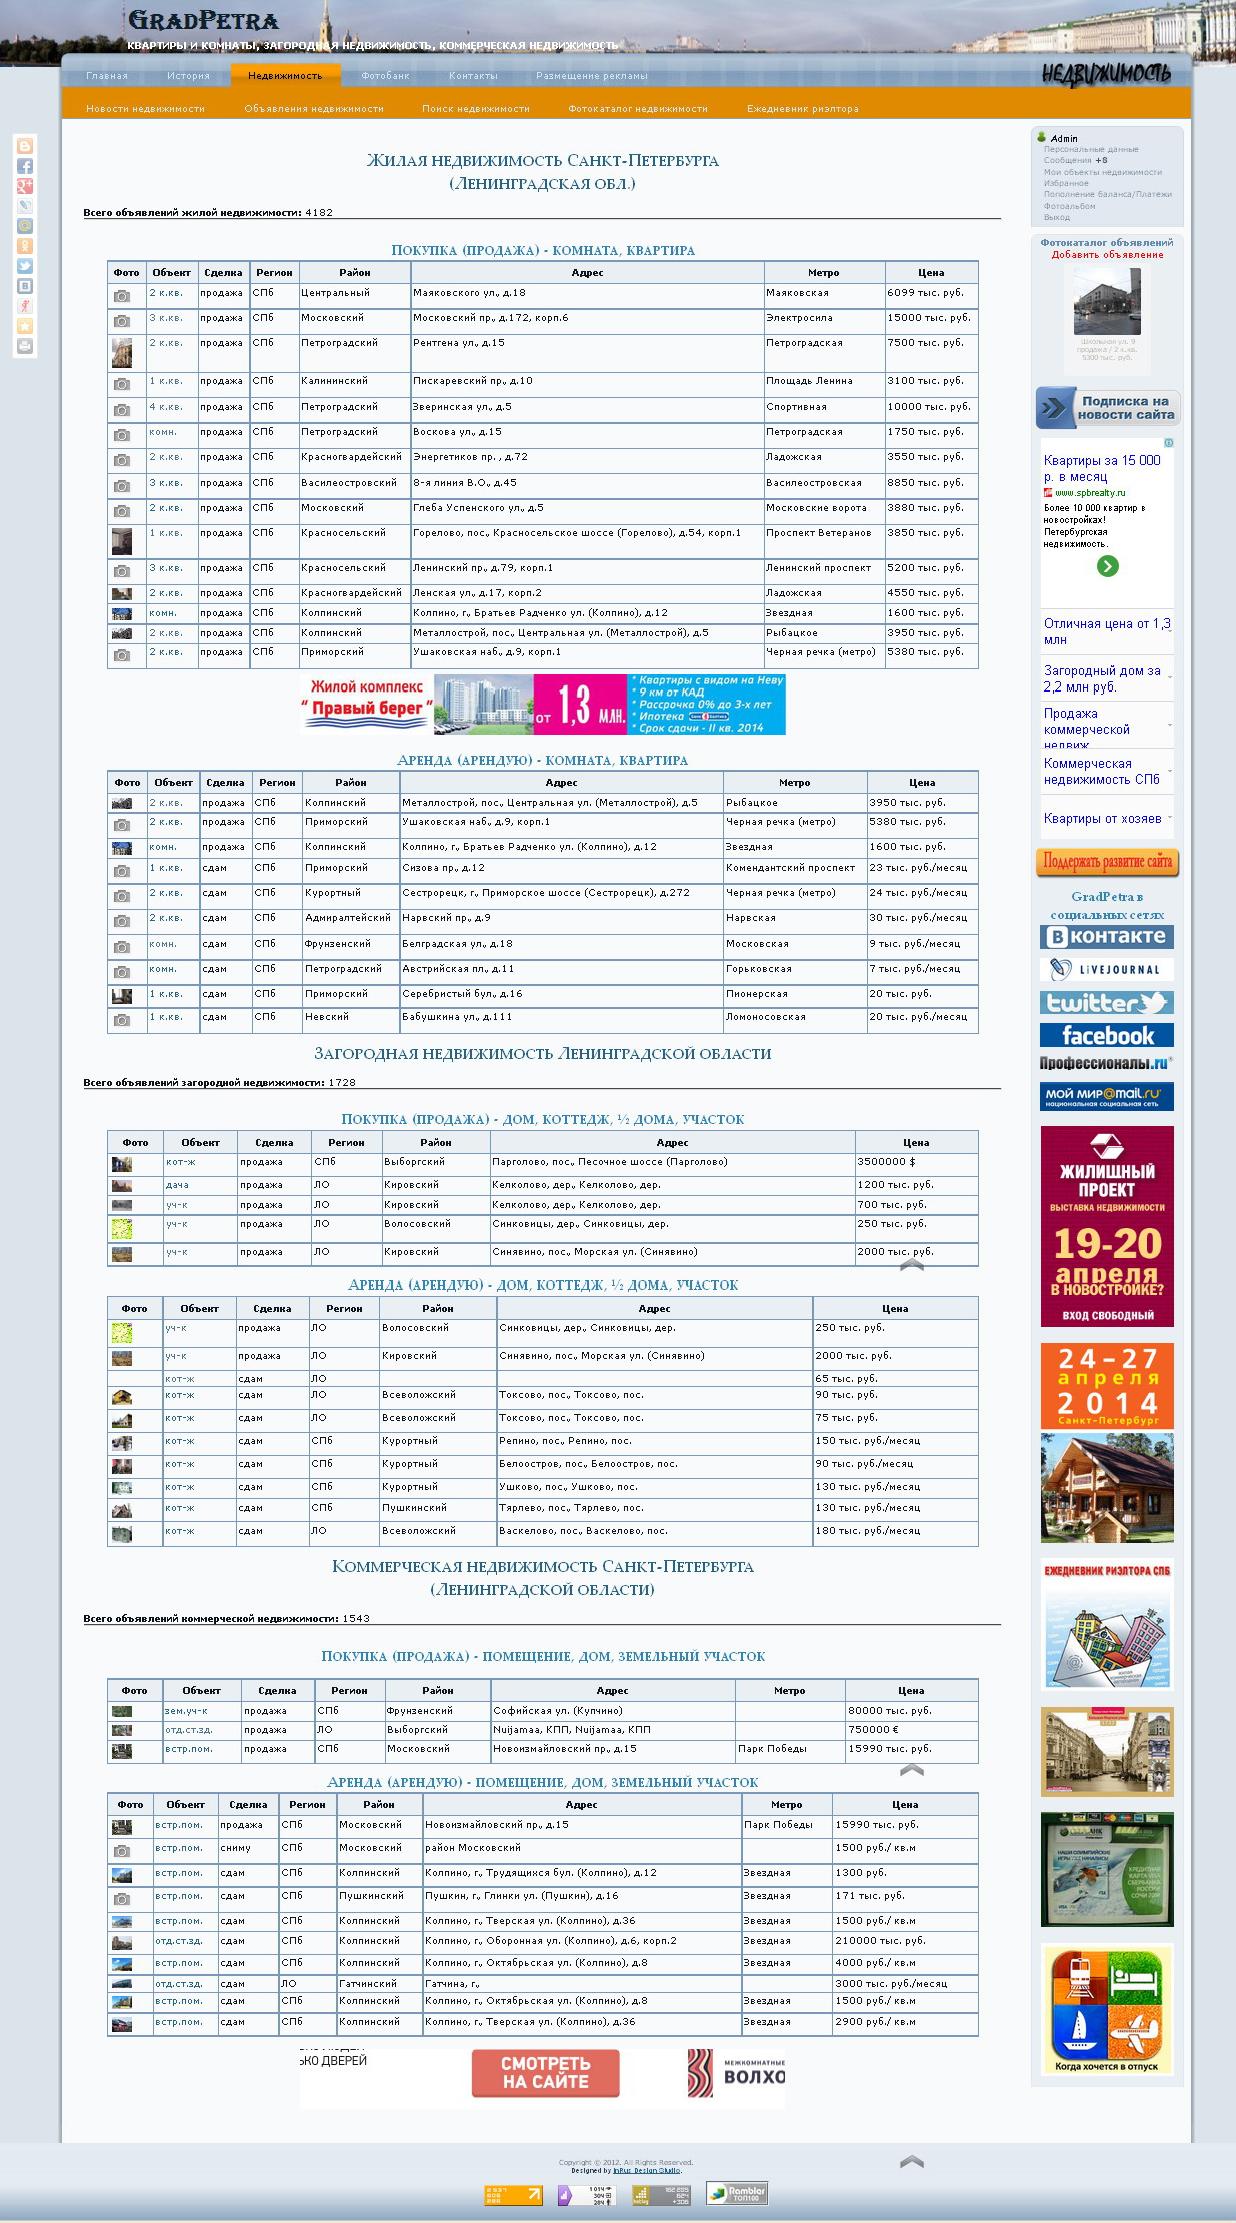 размещение объявление на главной странице портала Недвижимость Петербурга и Ленинградской области